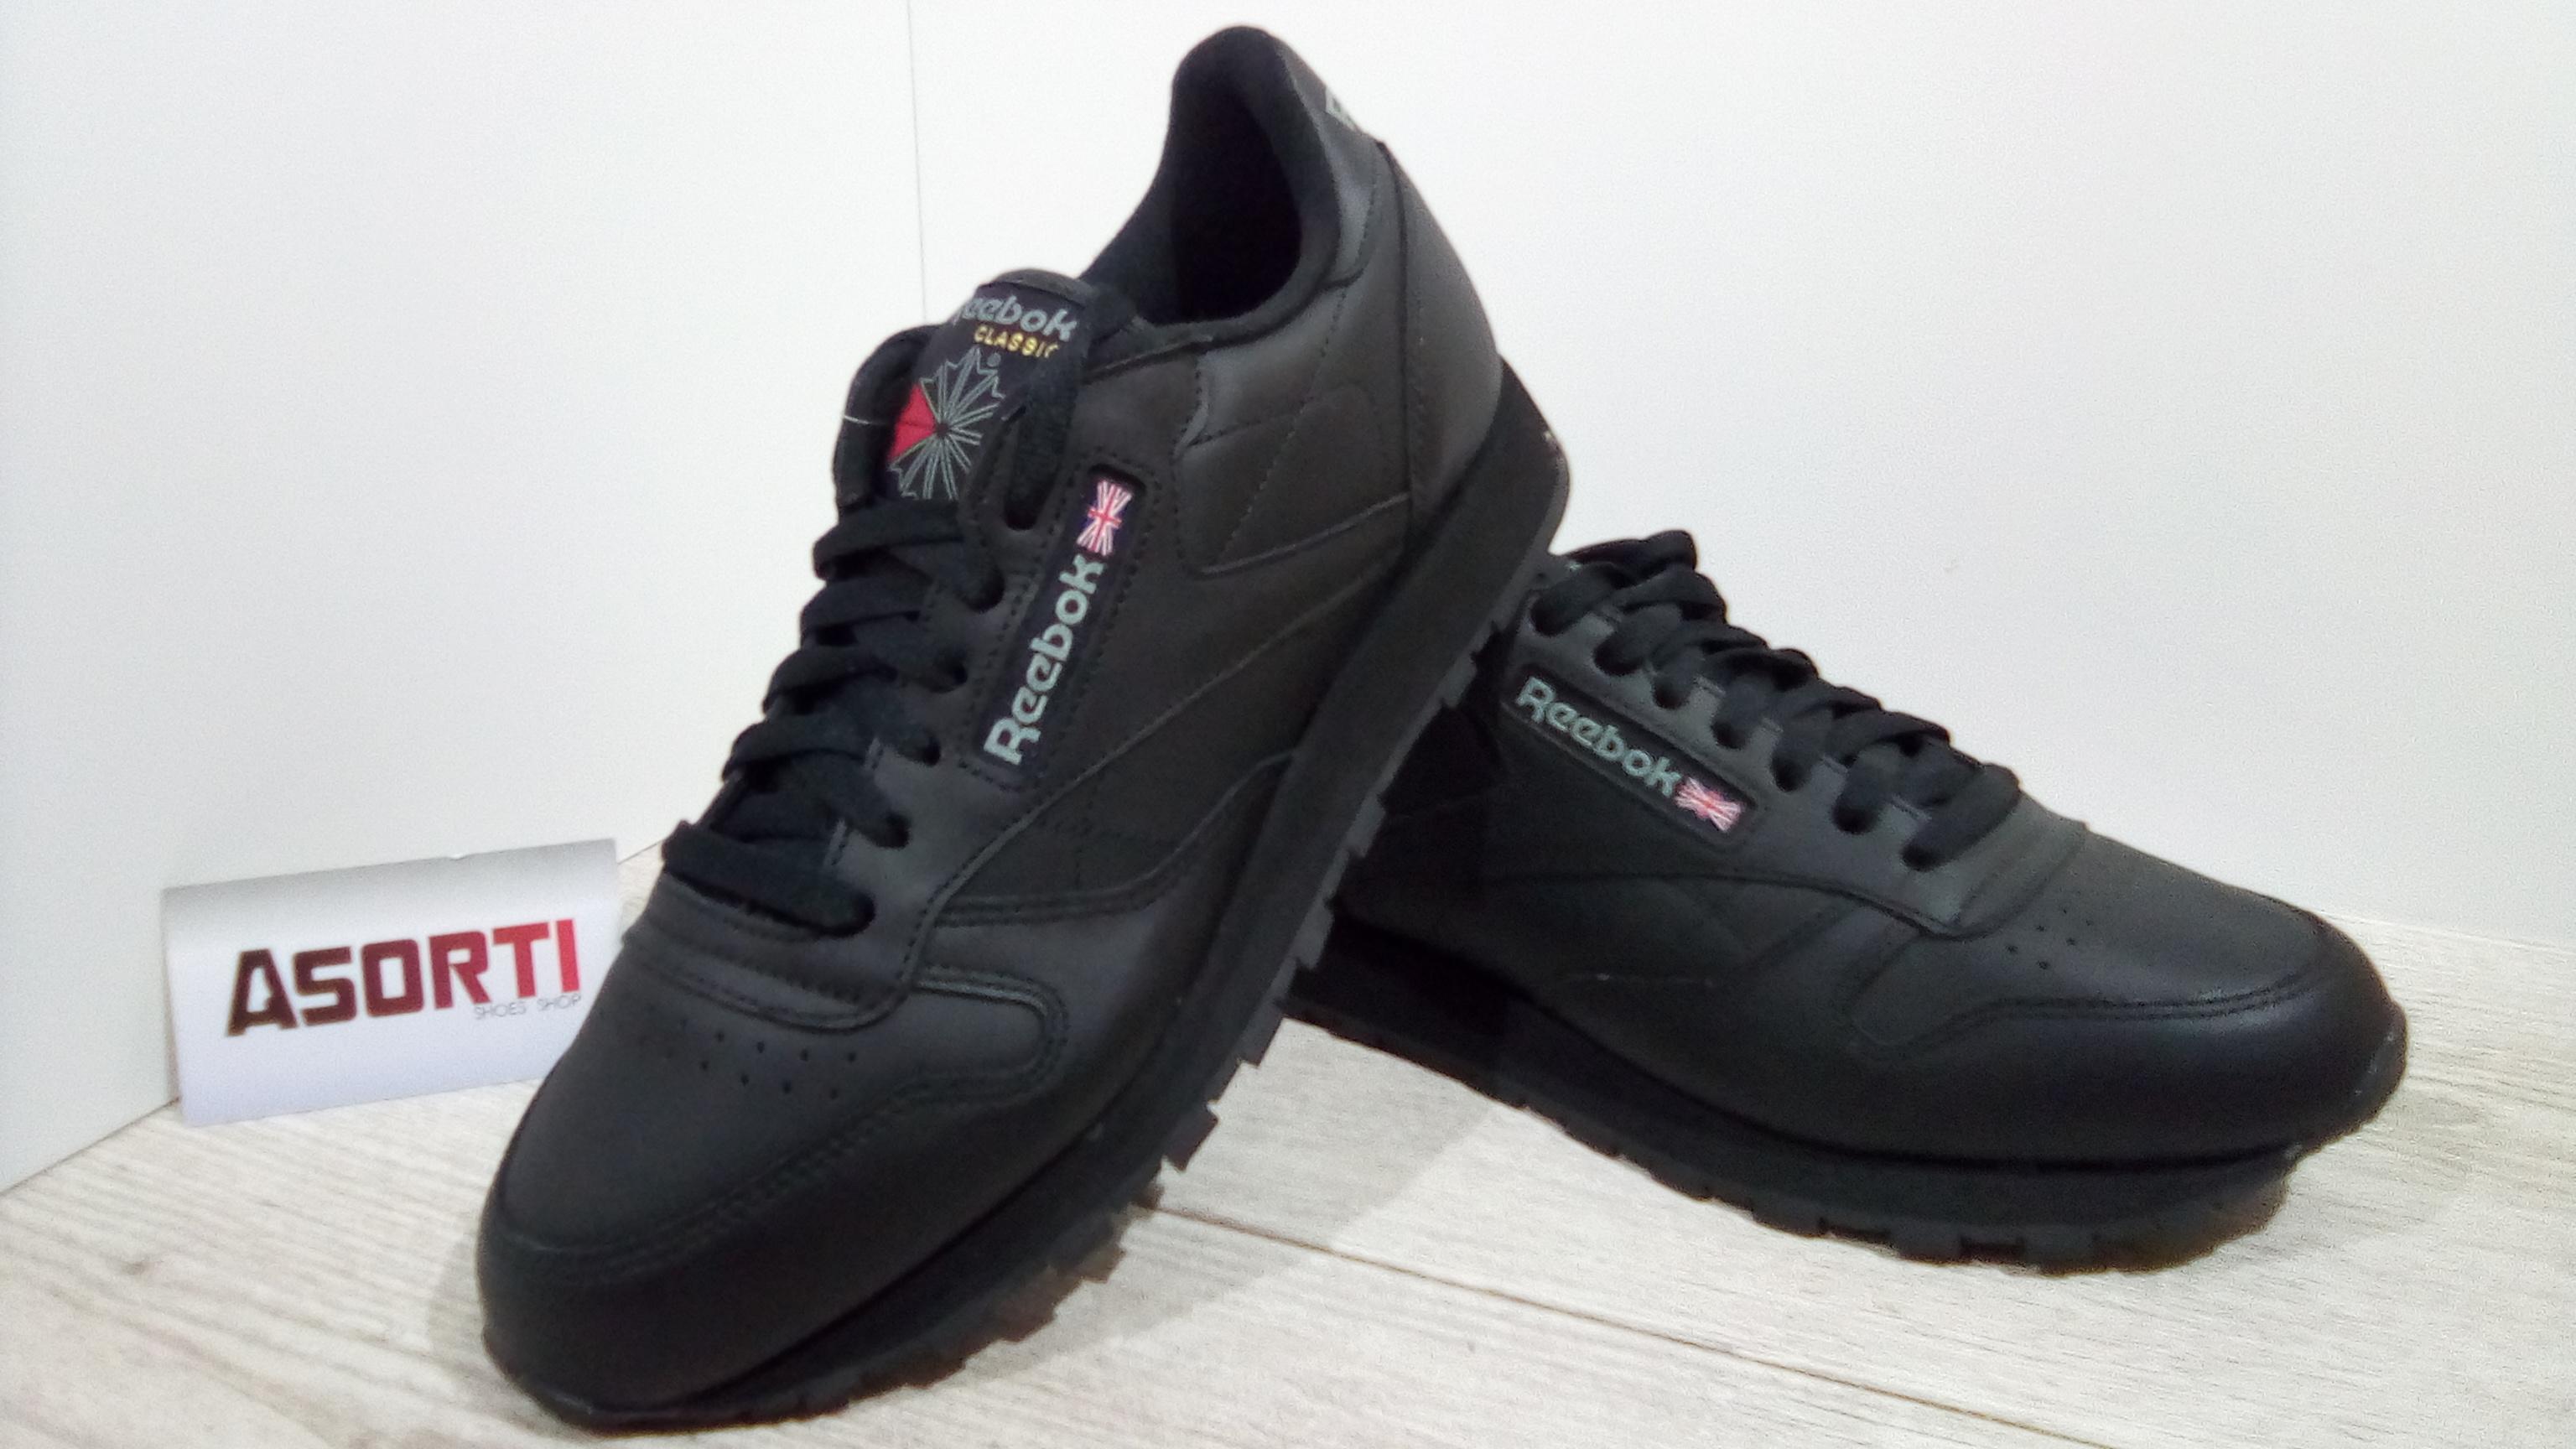 Чоловічі кросівки Reebok Classic Leather (2267) чорні купити в ... 6aa232137af2a